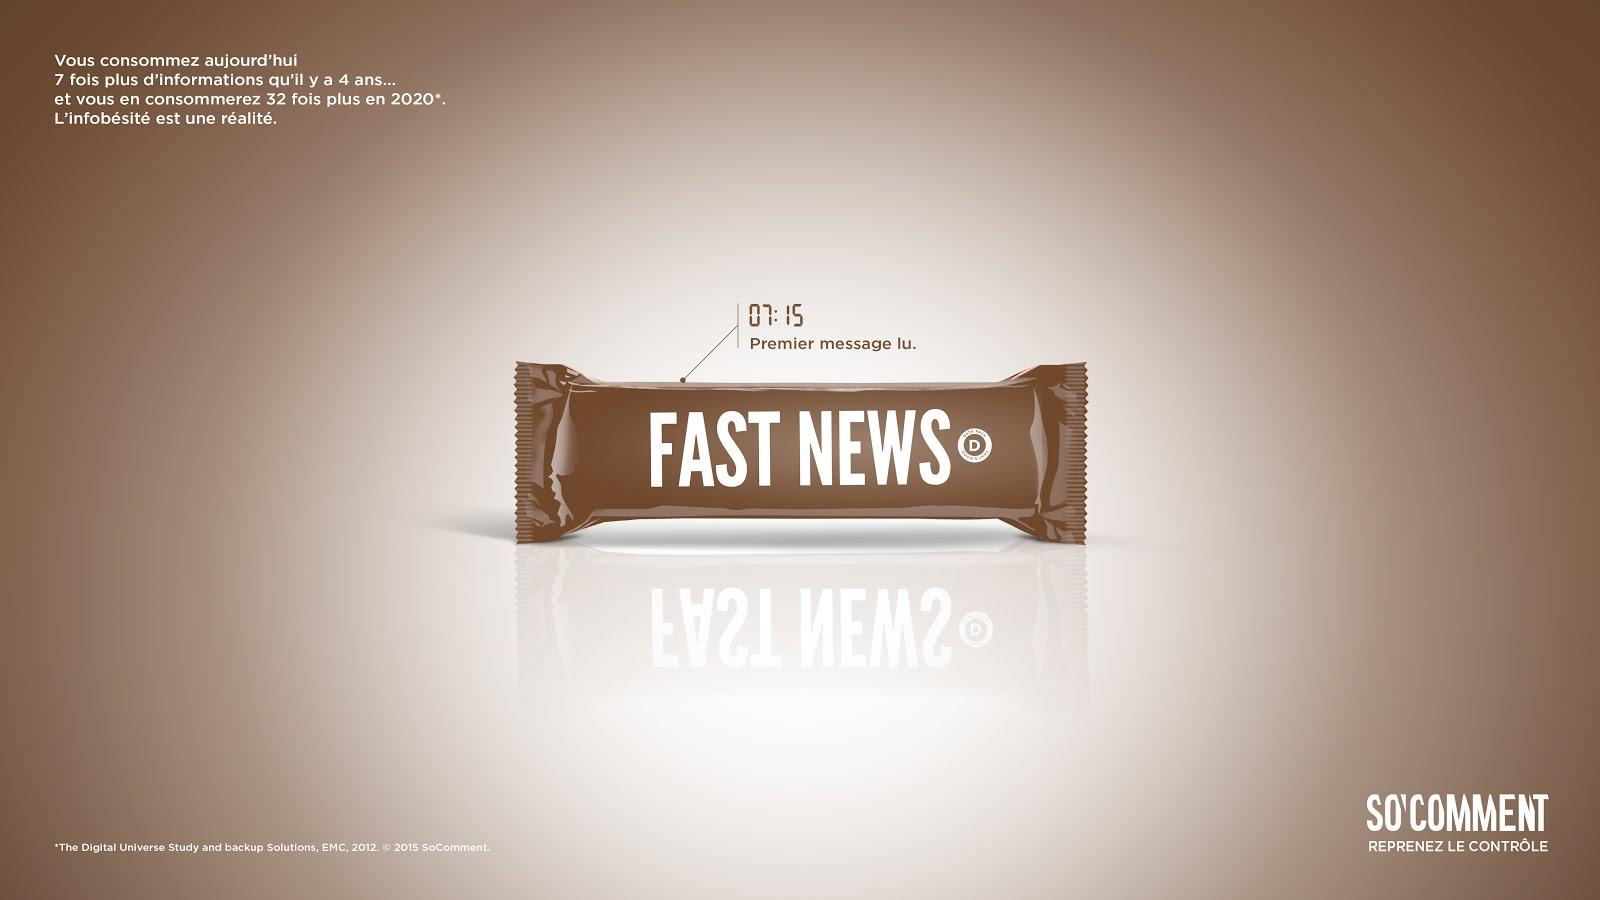 07:15 Premier message lu